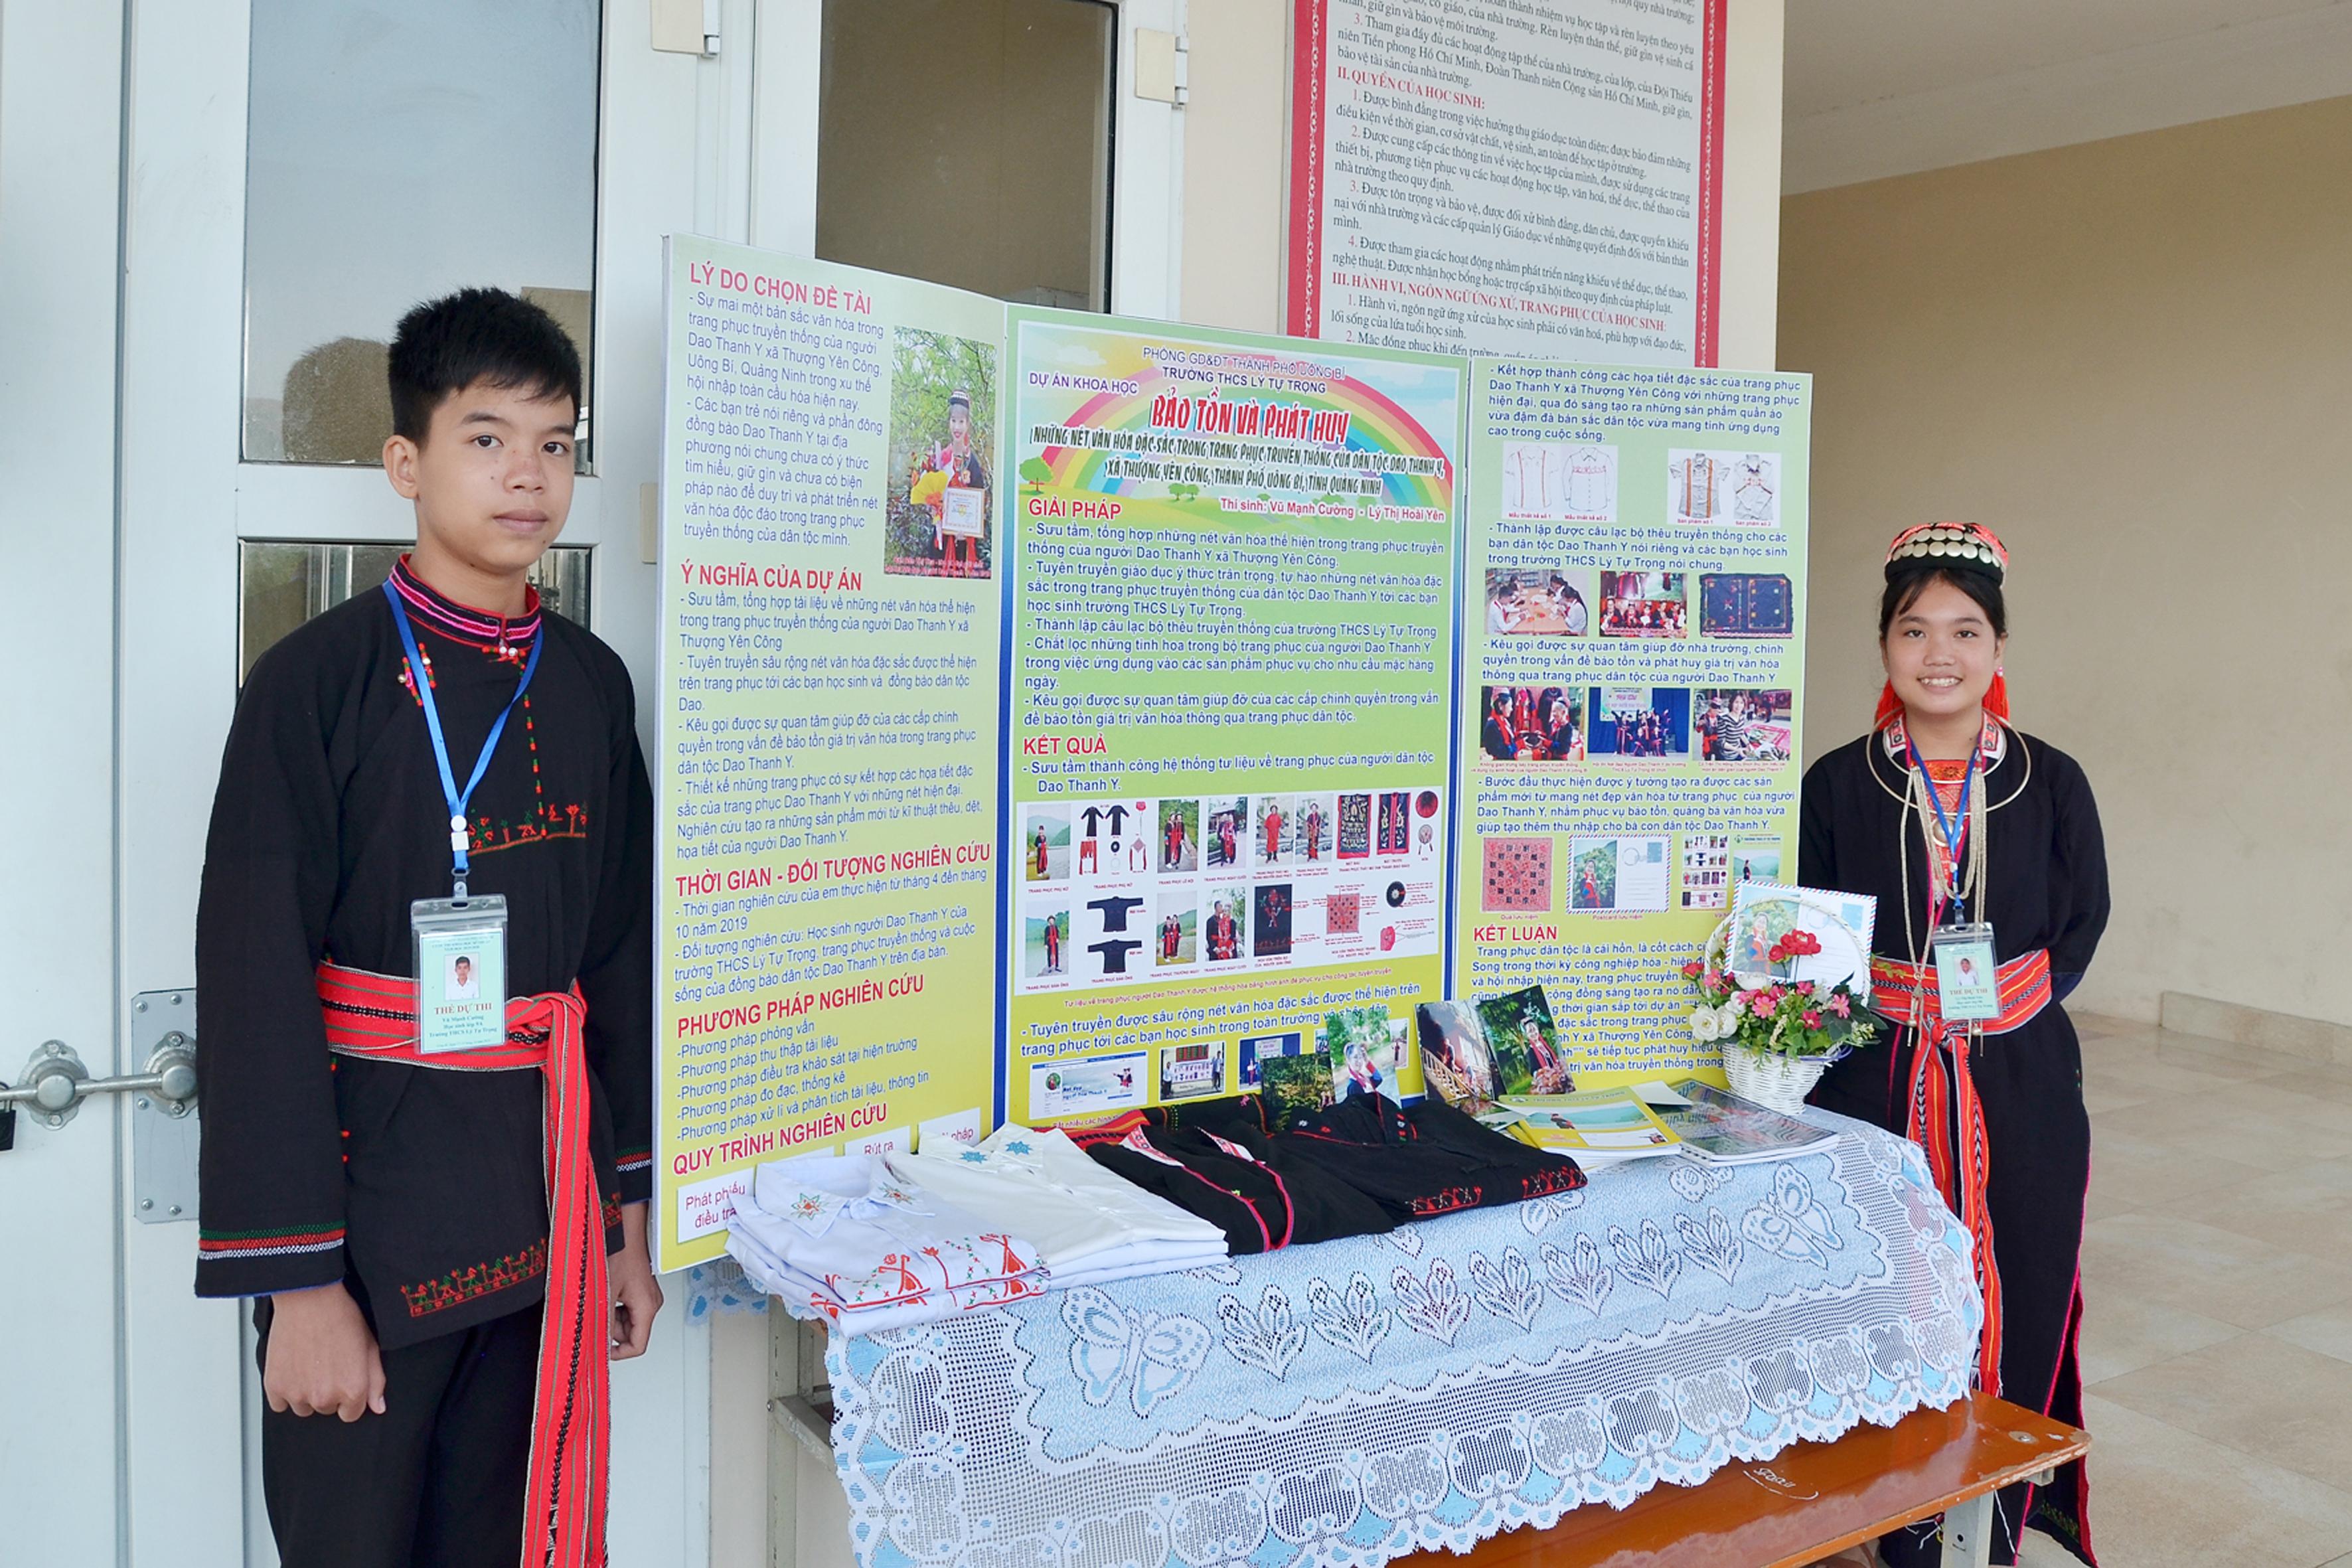 Gian trưng bày sản phẩm khoa học kỹ thuật của Trường tại cuộc thi cấp thành phố